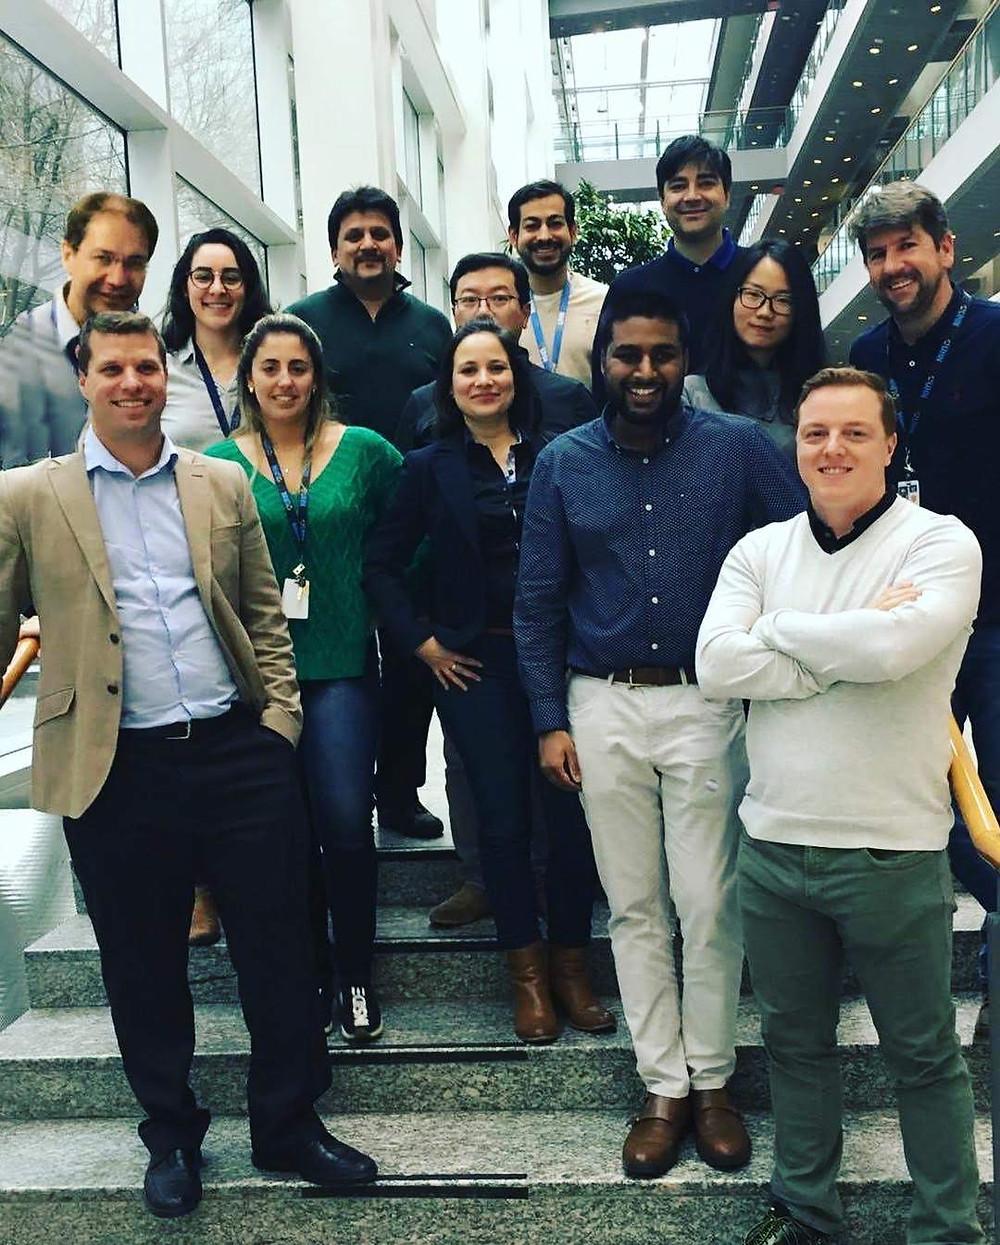 Equipe do laboratório de pesquisa que fiz parte aqui em Toronto!